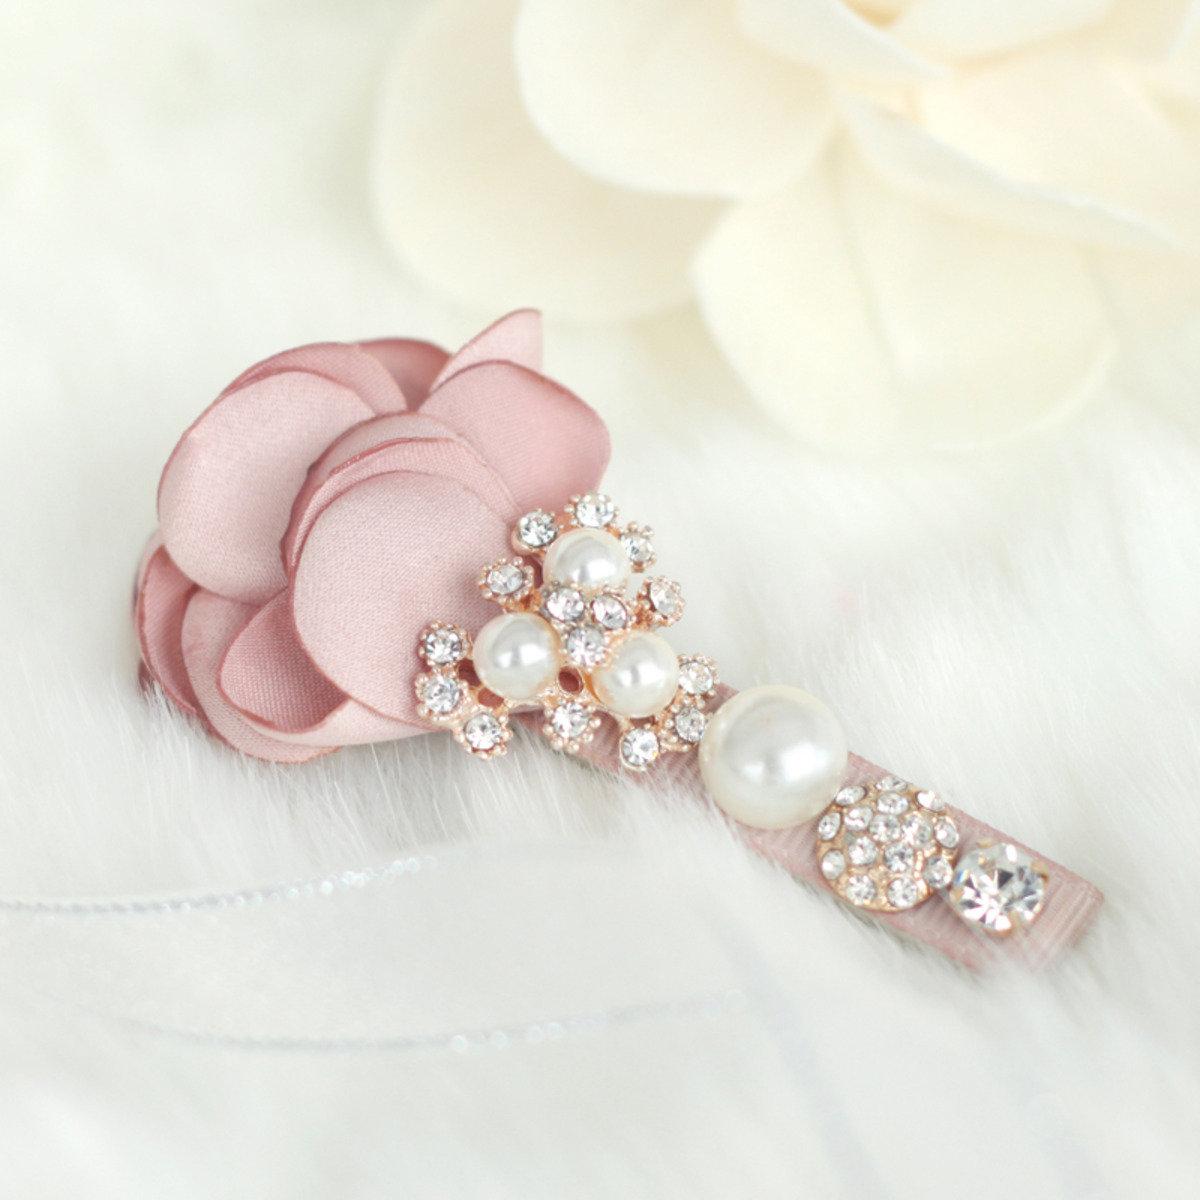 華麗珍珠絲花髮夾